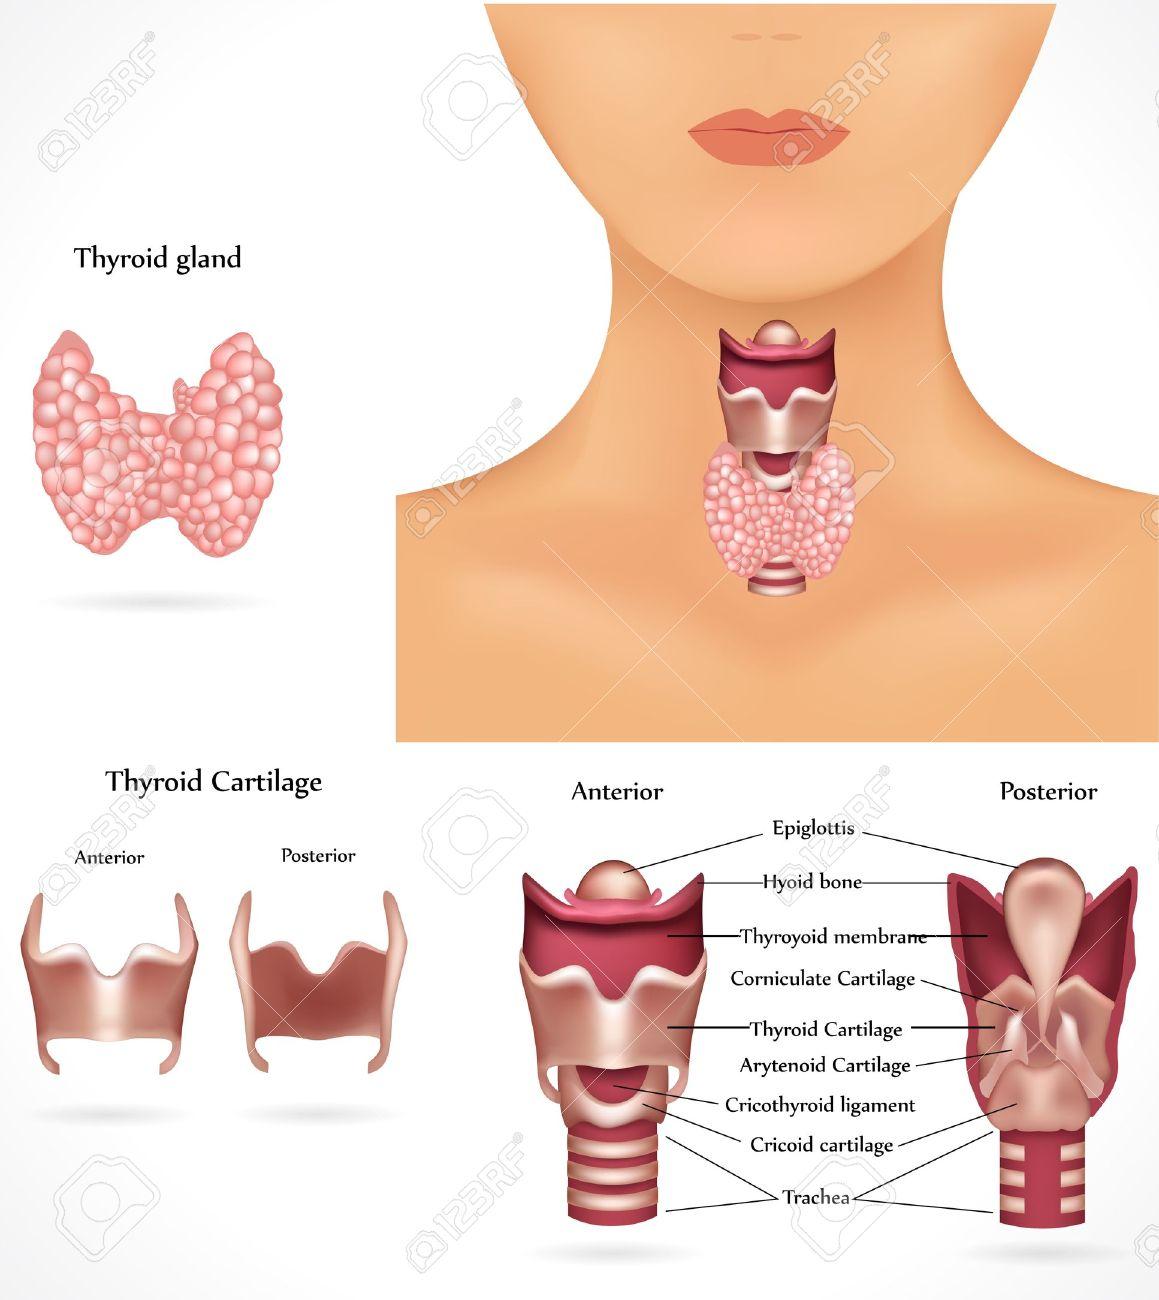 Thyroid gland anatomy Stock Vector - 8976722